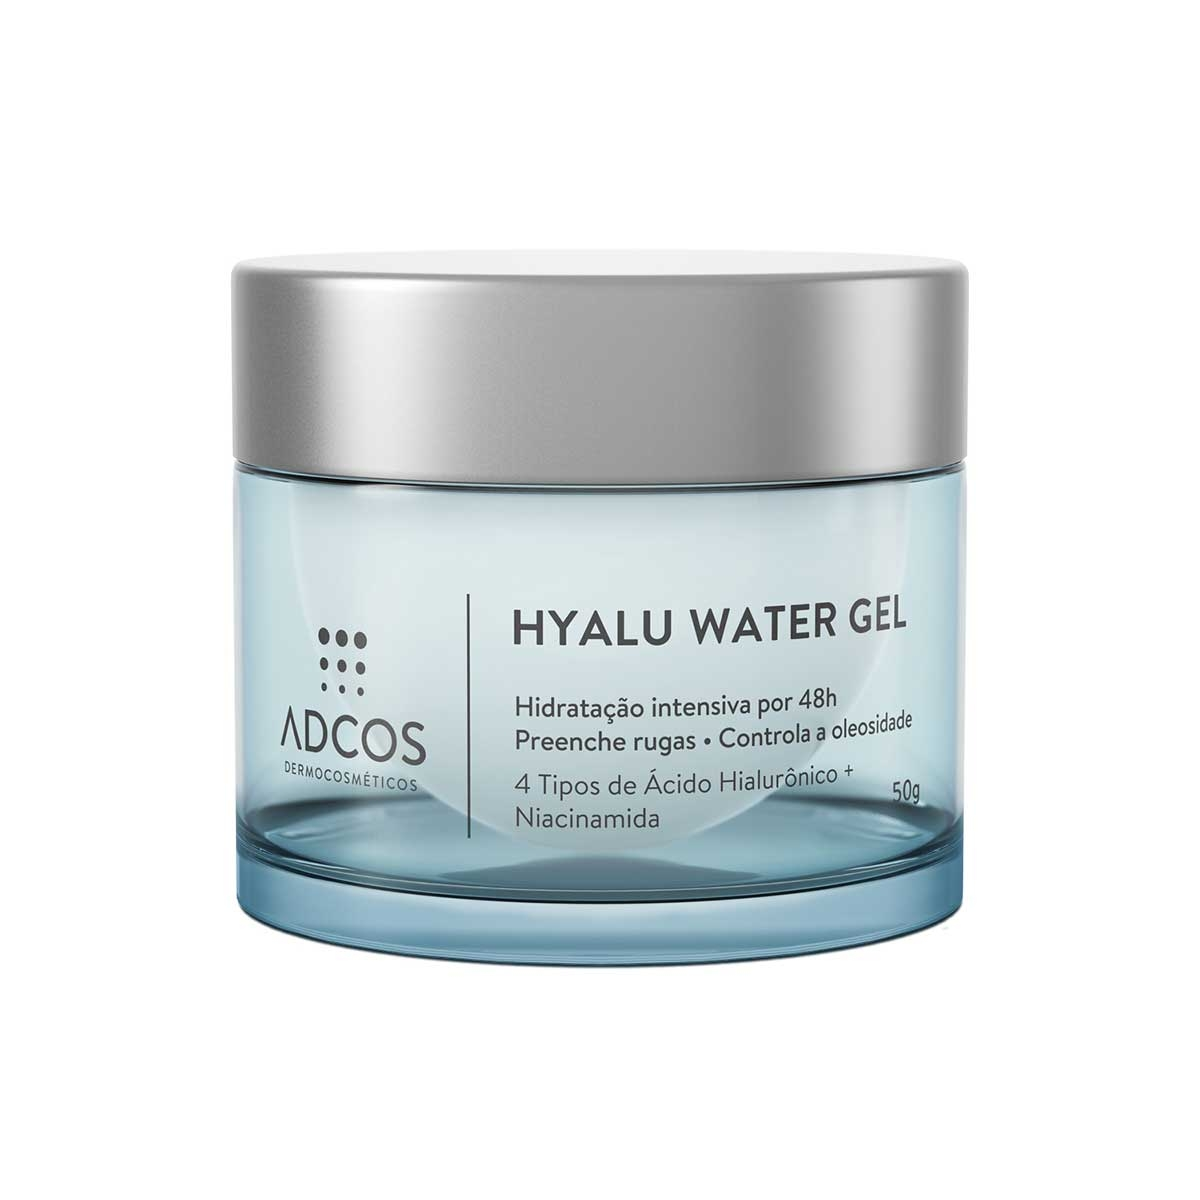 Gel Facial Adcos Hyalu Water Gel com 50g 50g